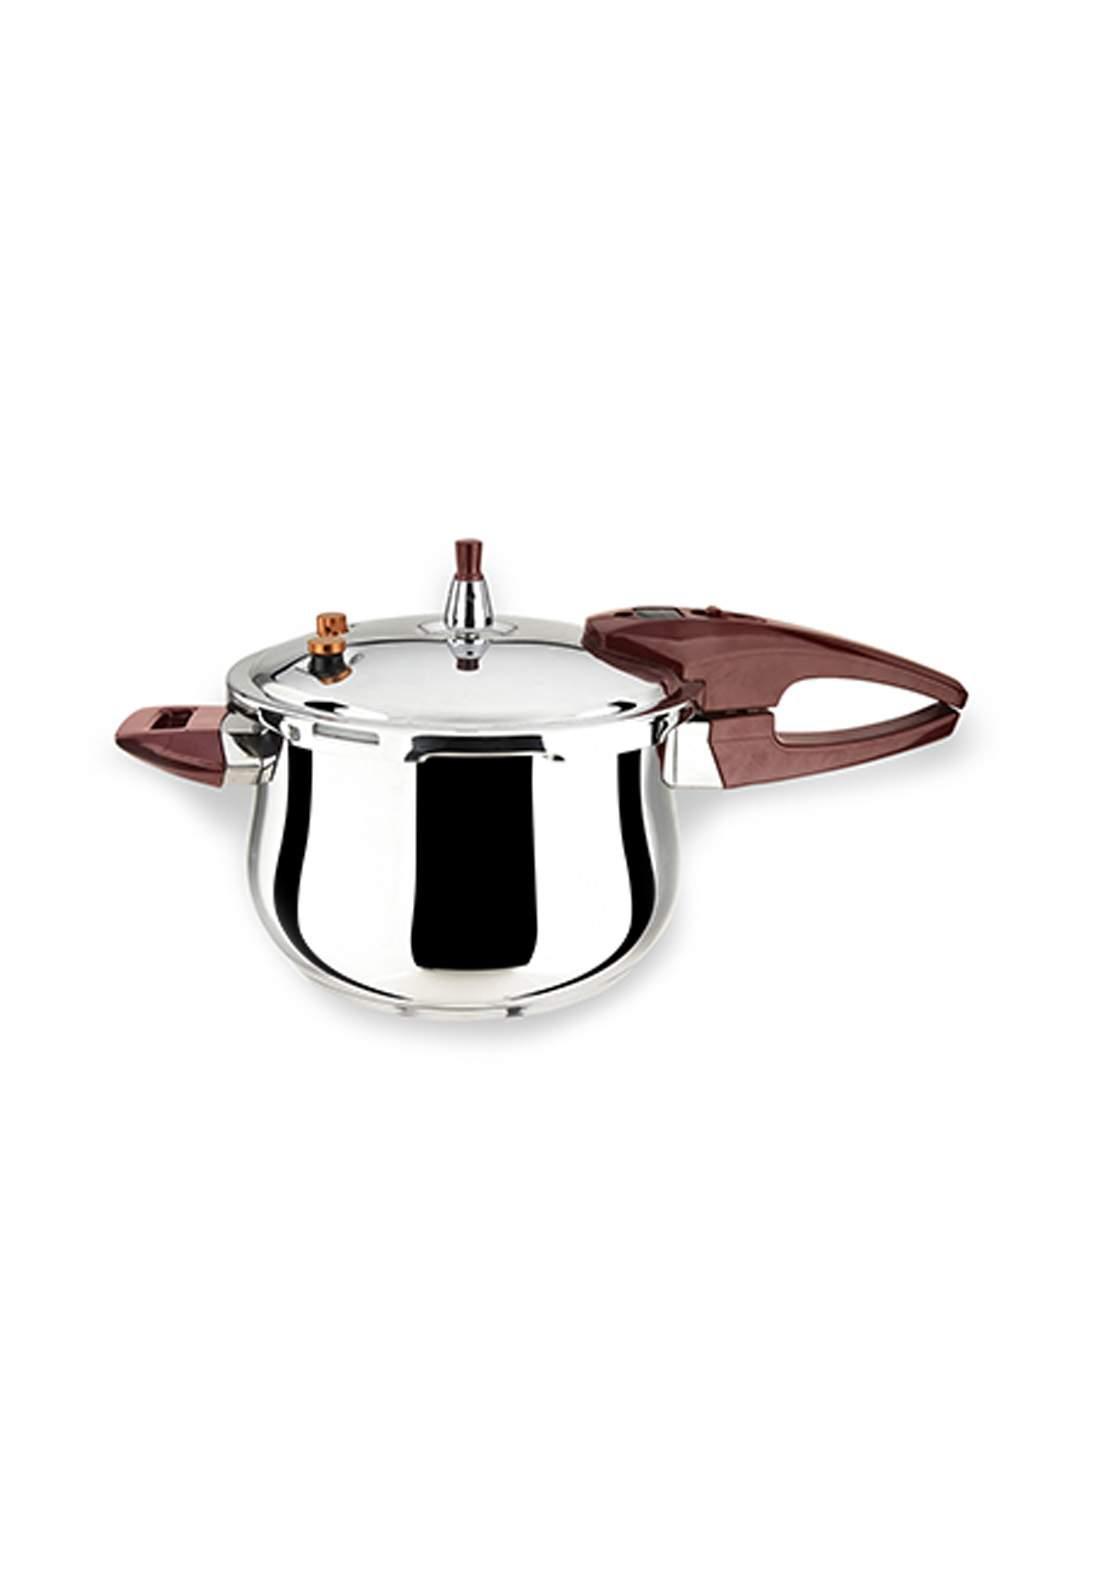 Delmonti  DL1010-8L  Pressure cooker 8L قدر ضغط